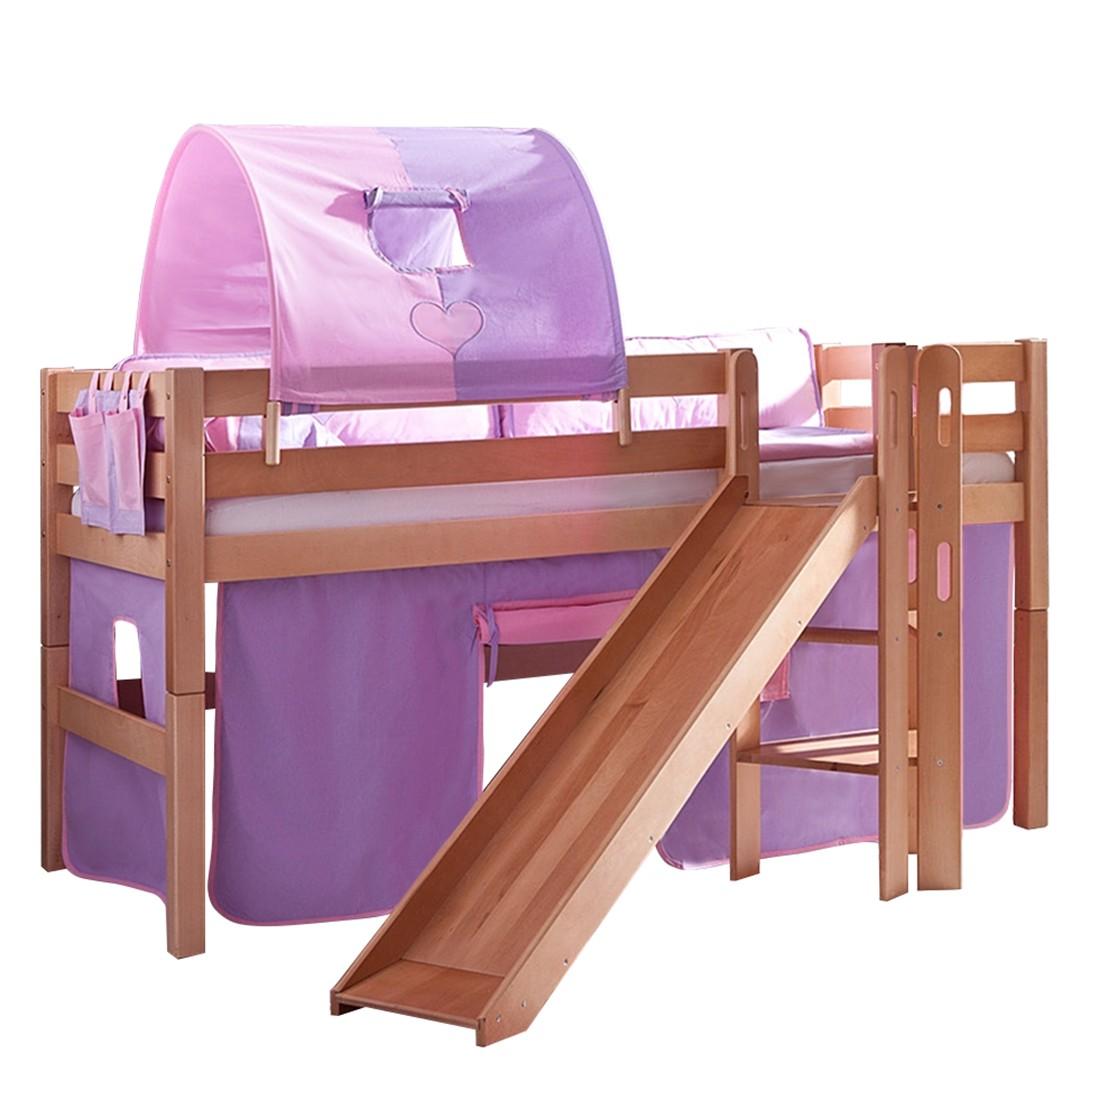 Spielbett Eliyas - mit Rutsche, Vorhang, Tunnel und Tasche - Buche natur/Textil purple-rosa-herz, Relita